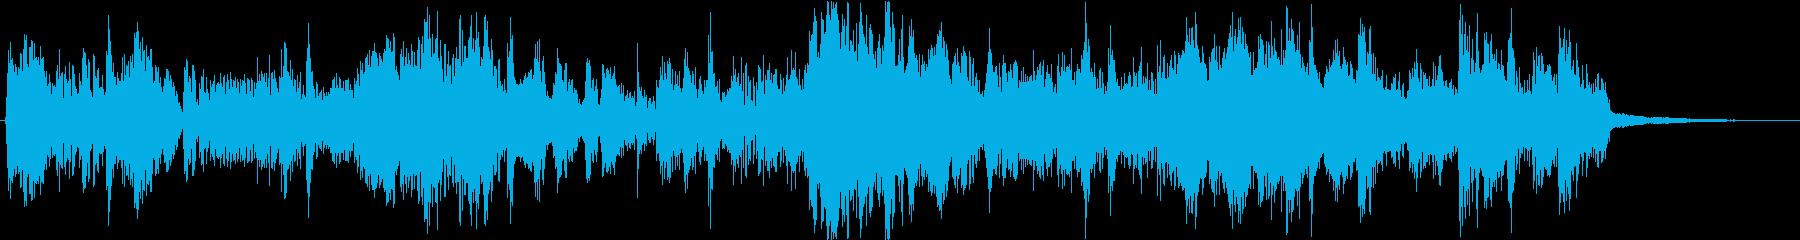 フルートメインなリズミカルな11秒楽曲の再生済みの波形